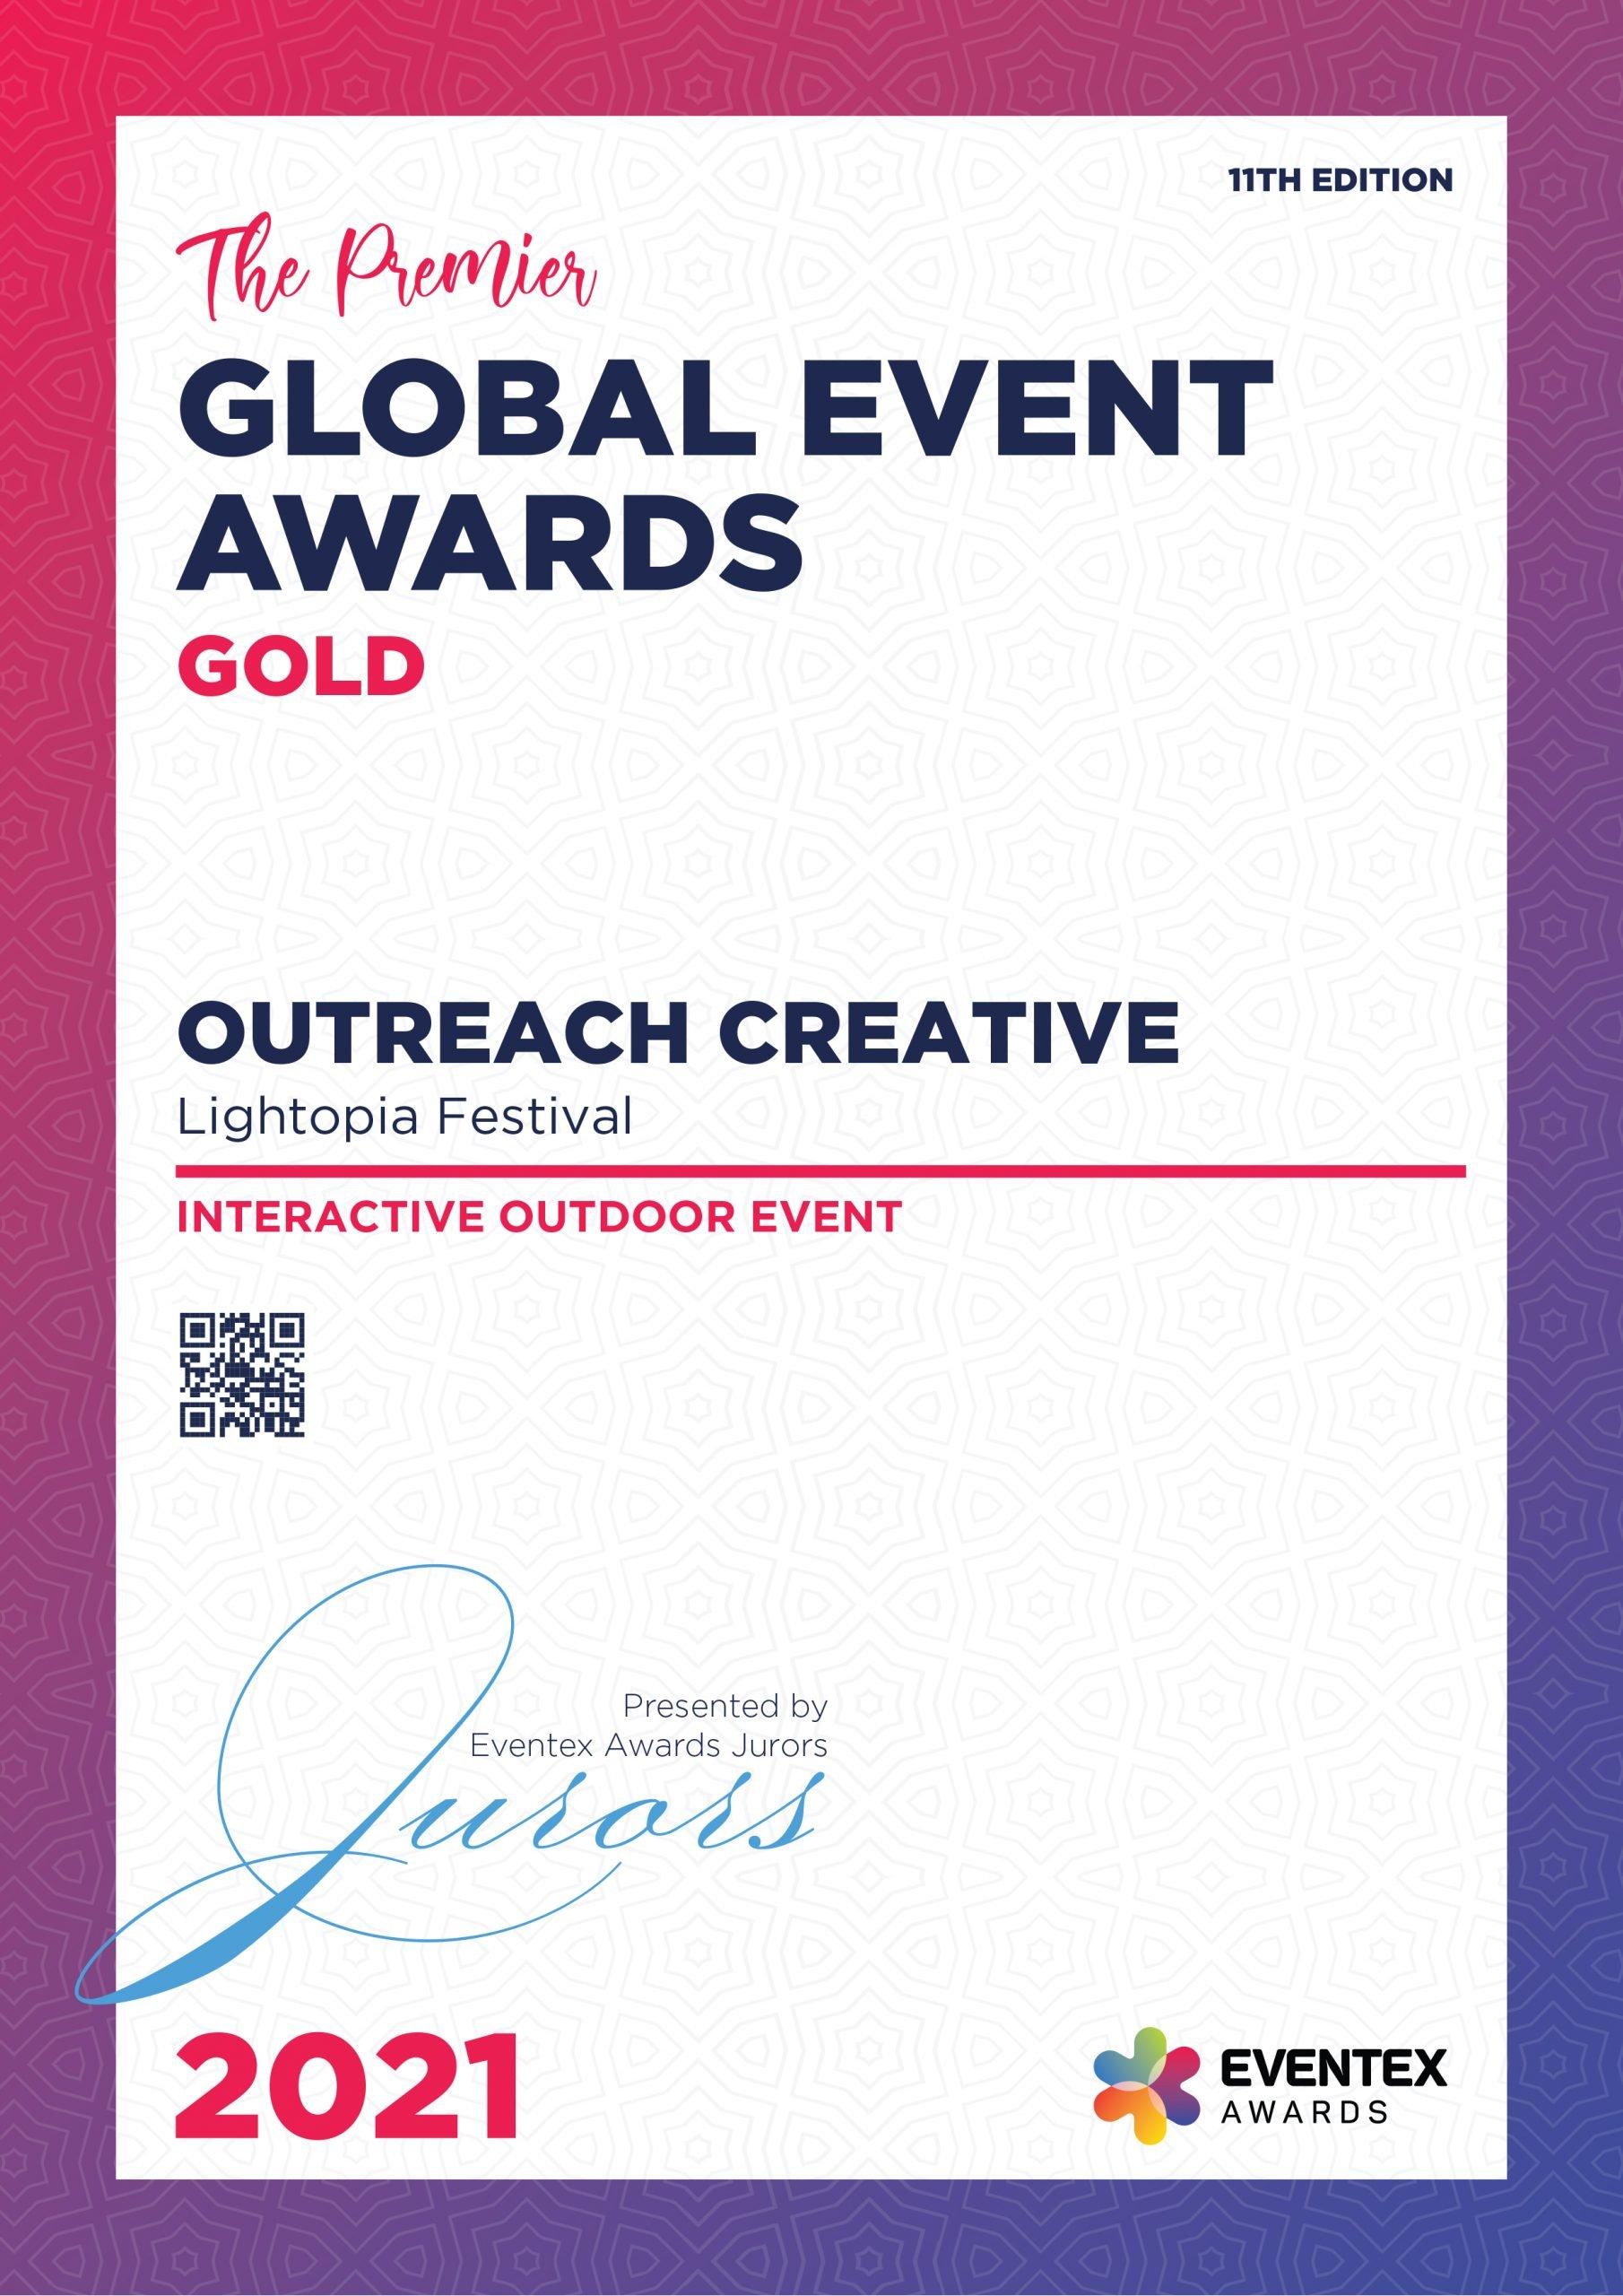 OUTREACH CREATIVE-Interactive Outdoor Event-Gold-Eventex-2021